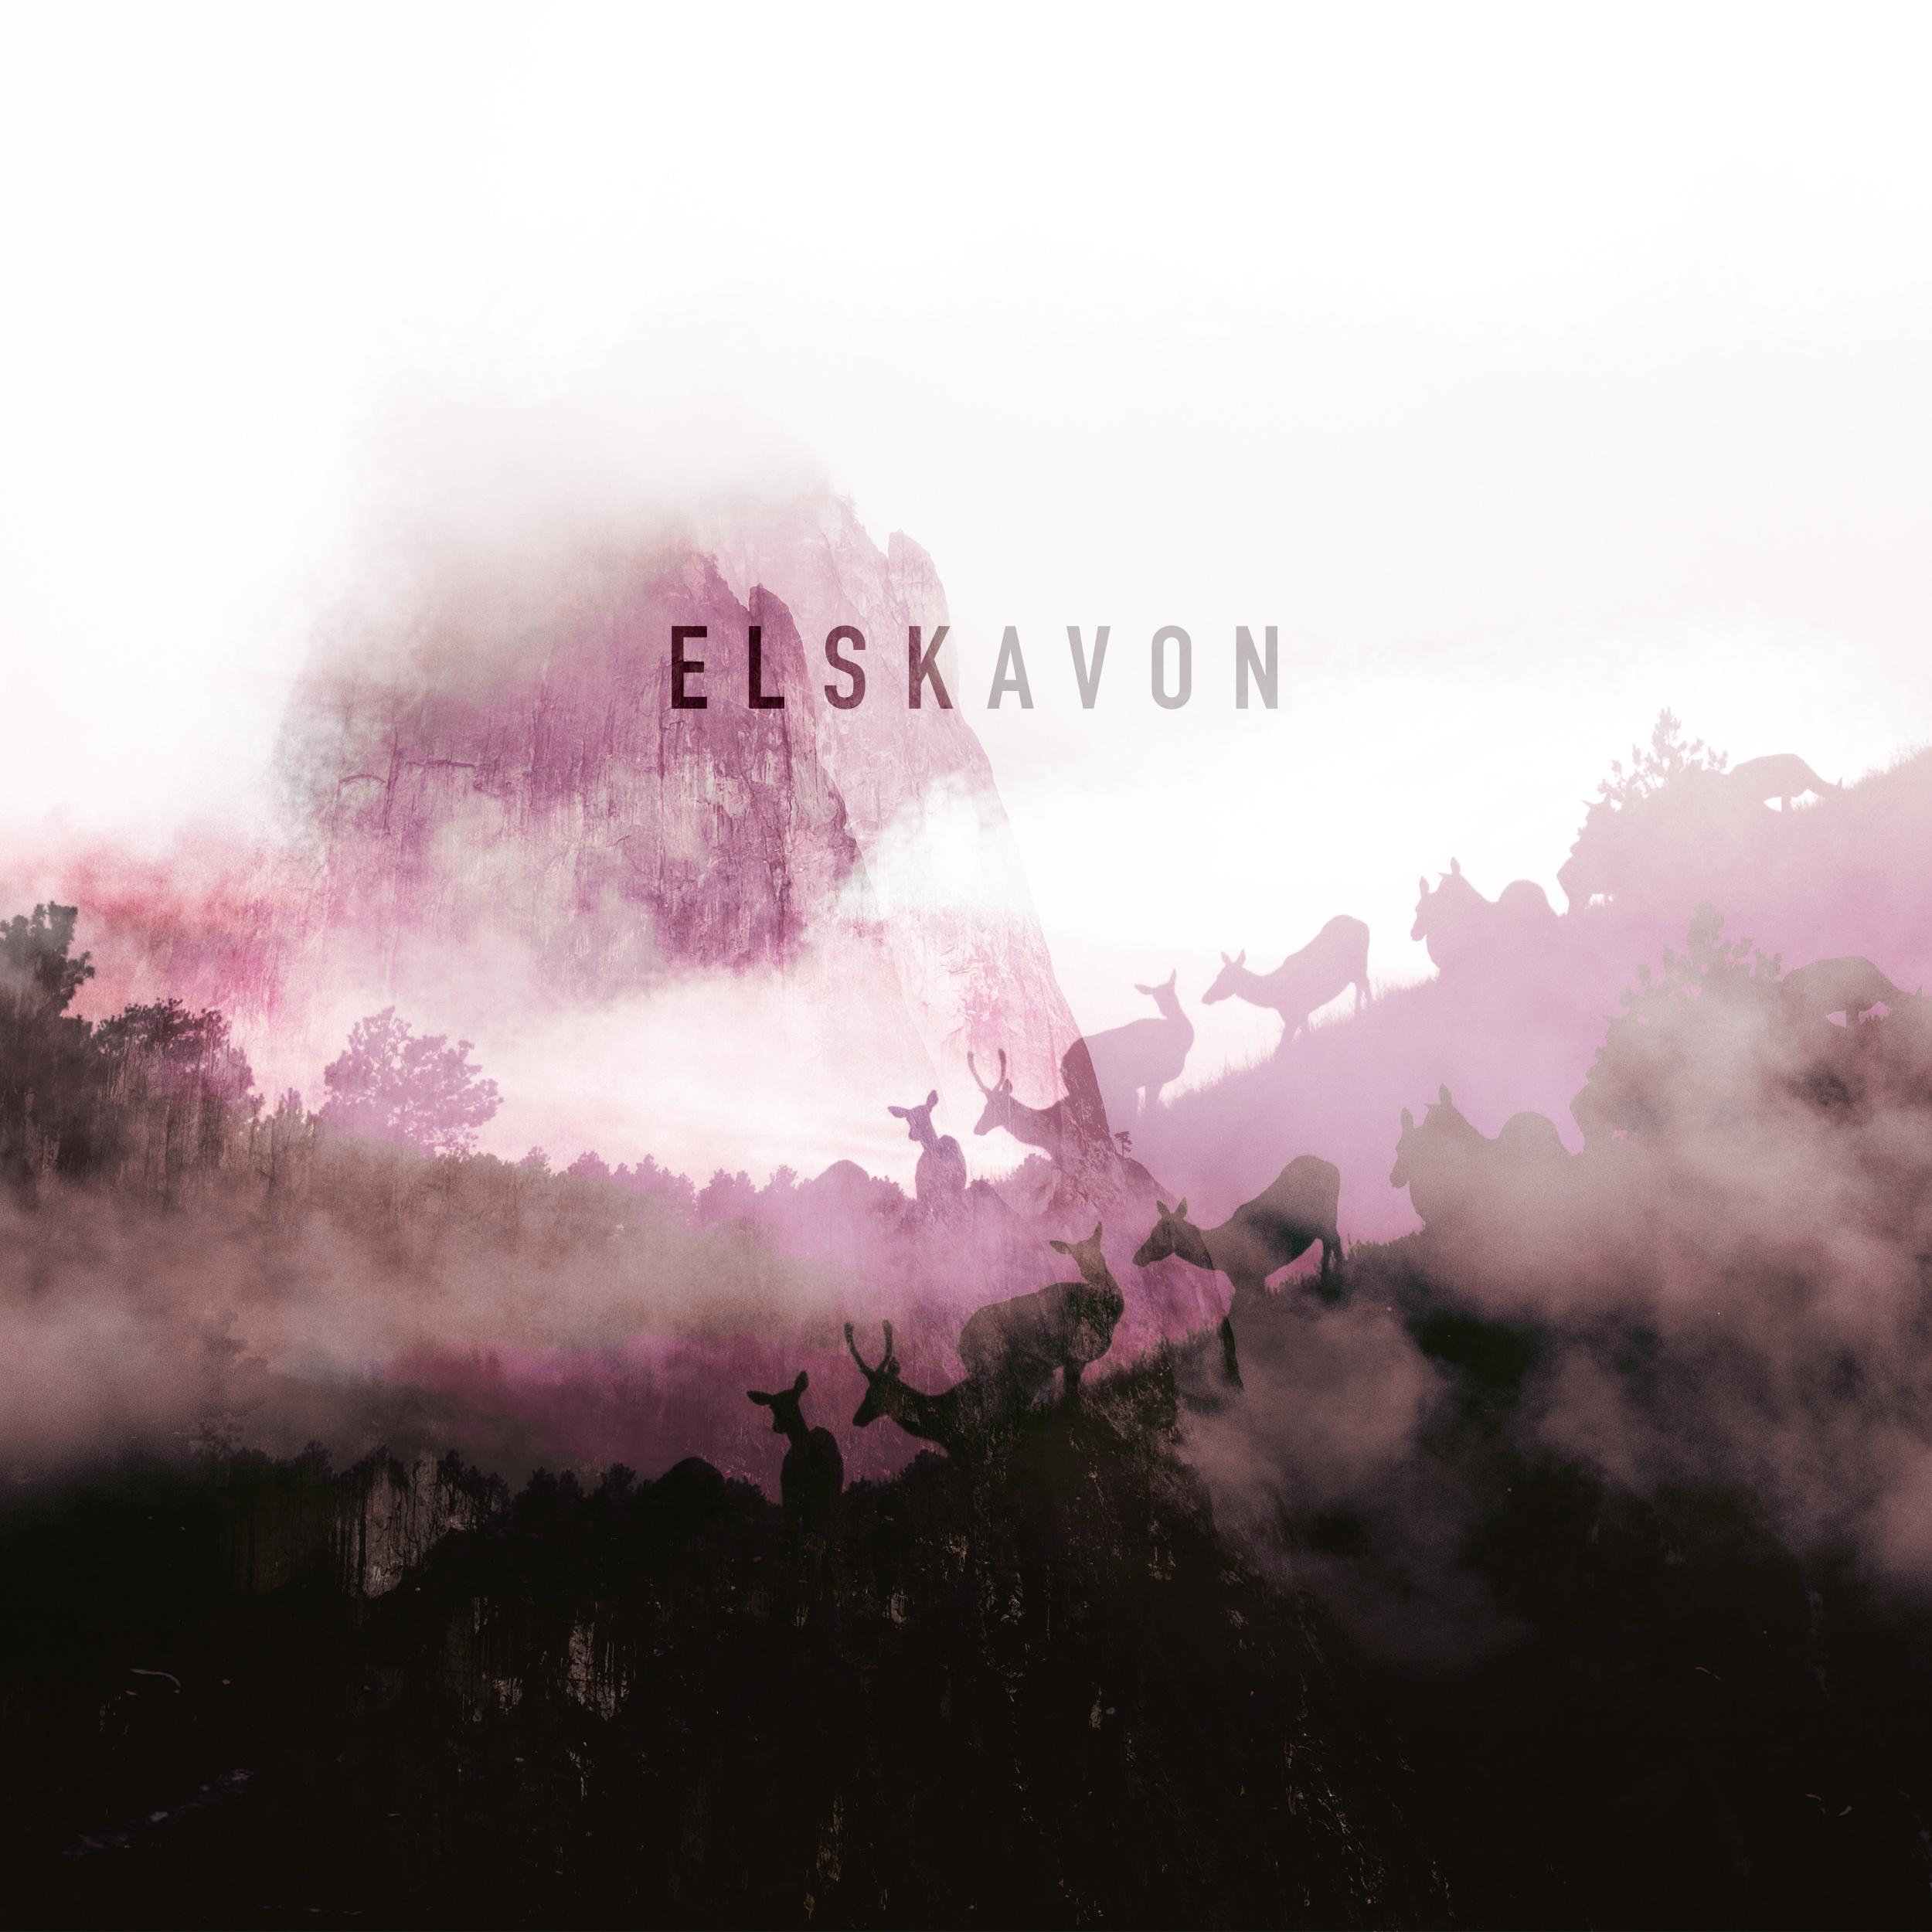 Elskavon_Skylight_AlbumArt.jpg